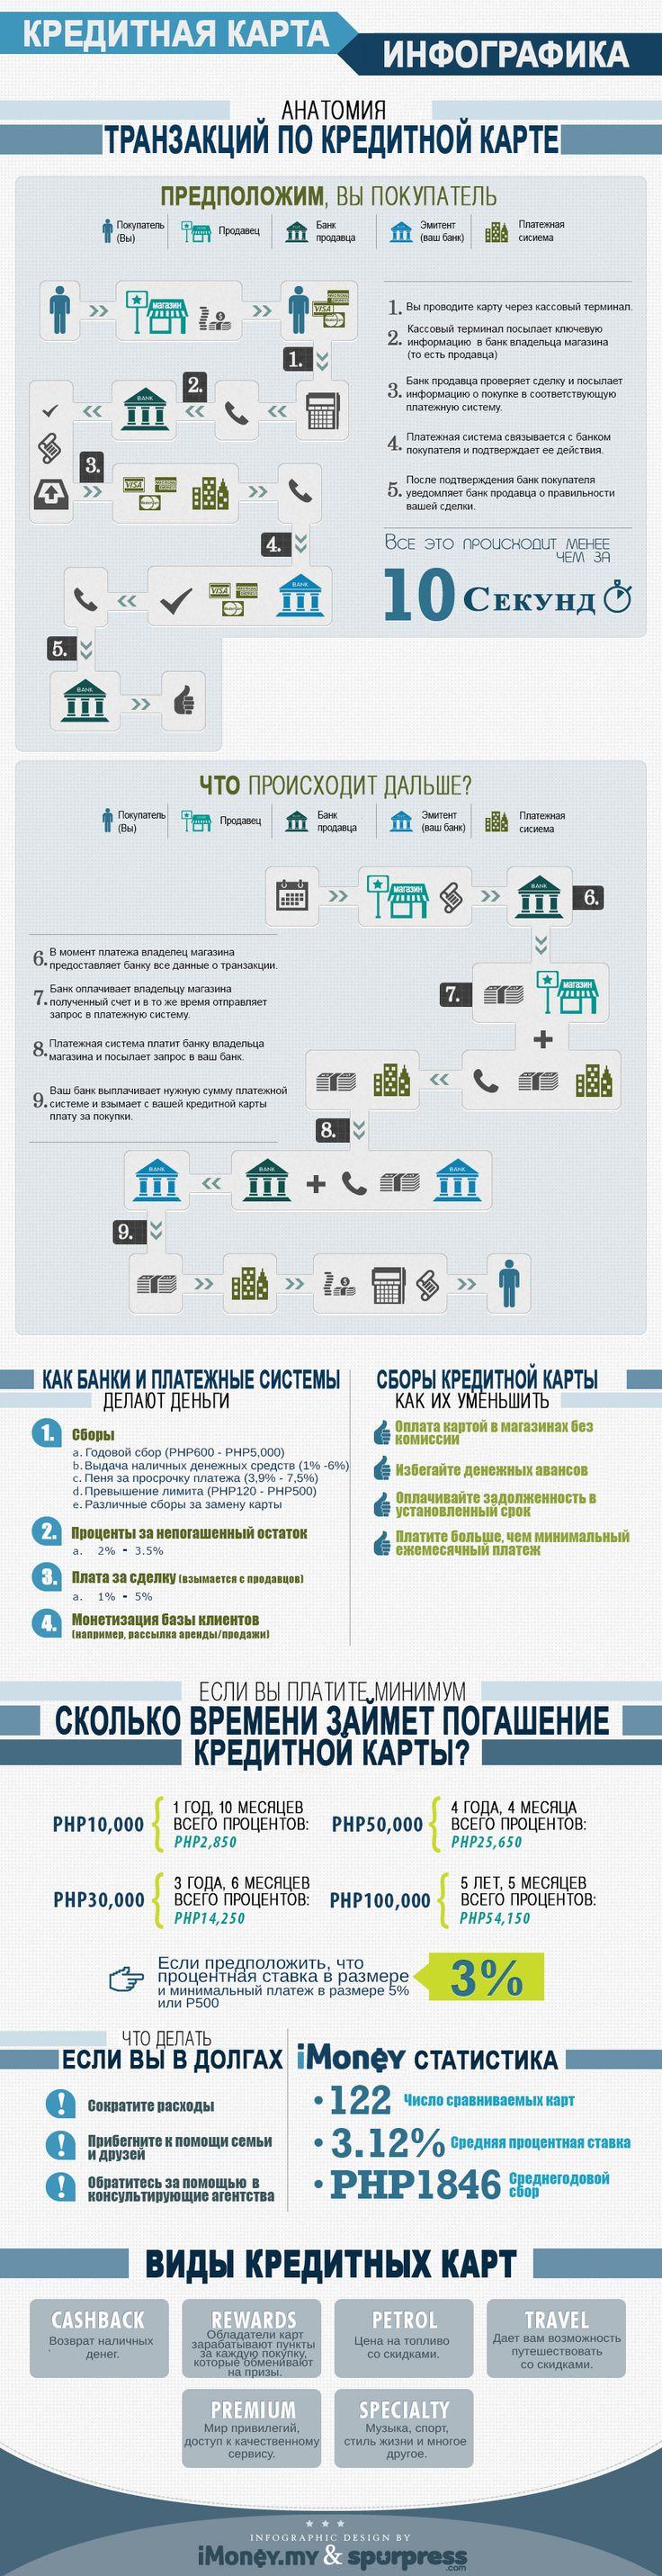 Анатомия транзакций по кредитной карте